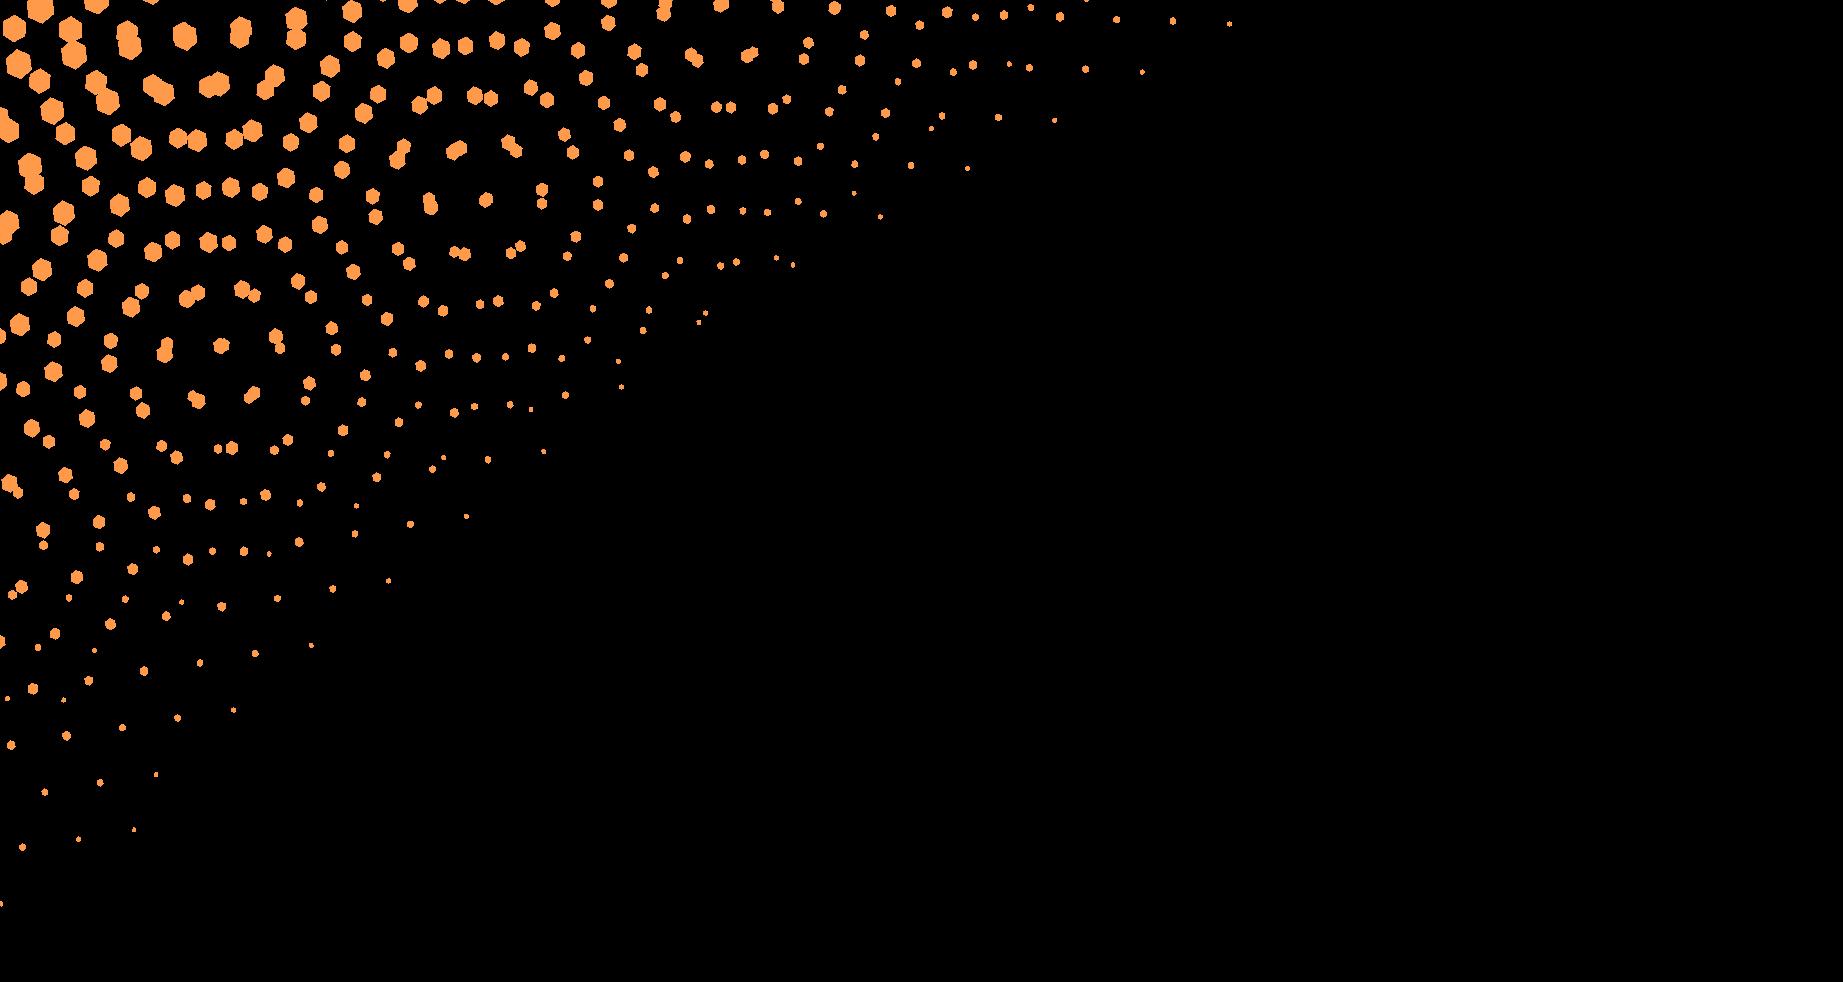 ParticlesOrangeTop